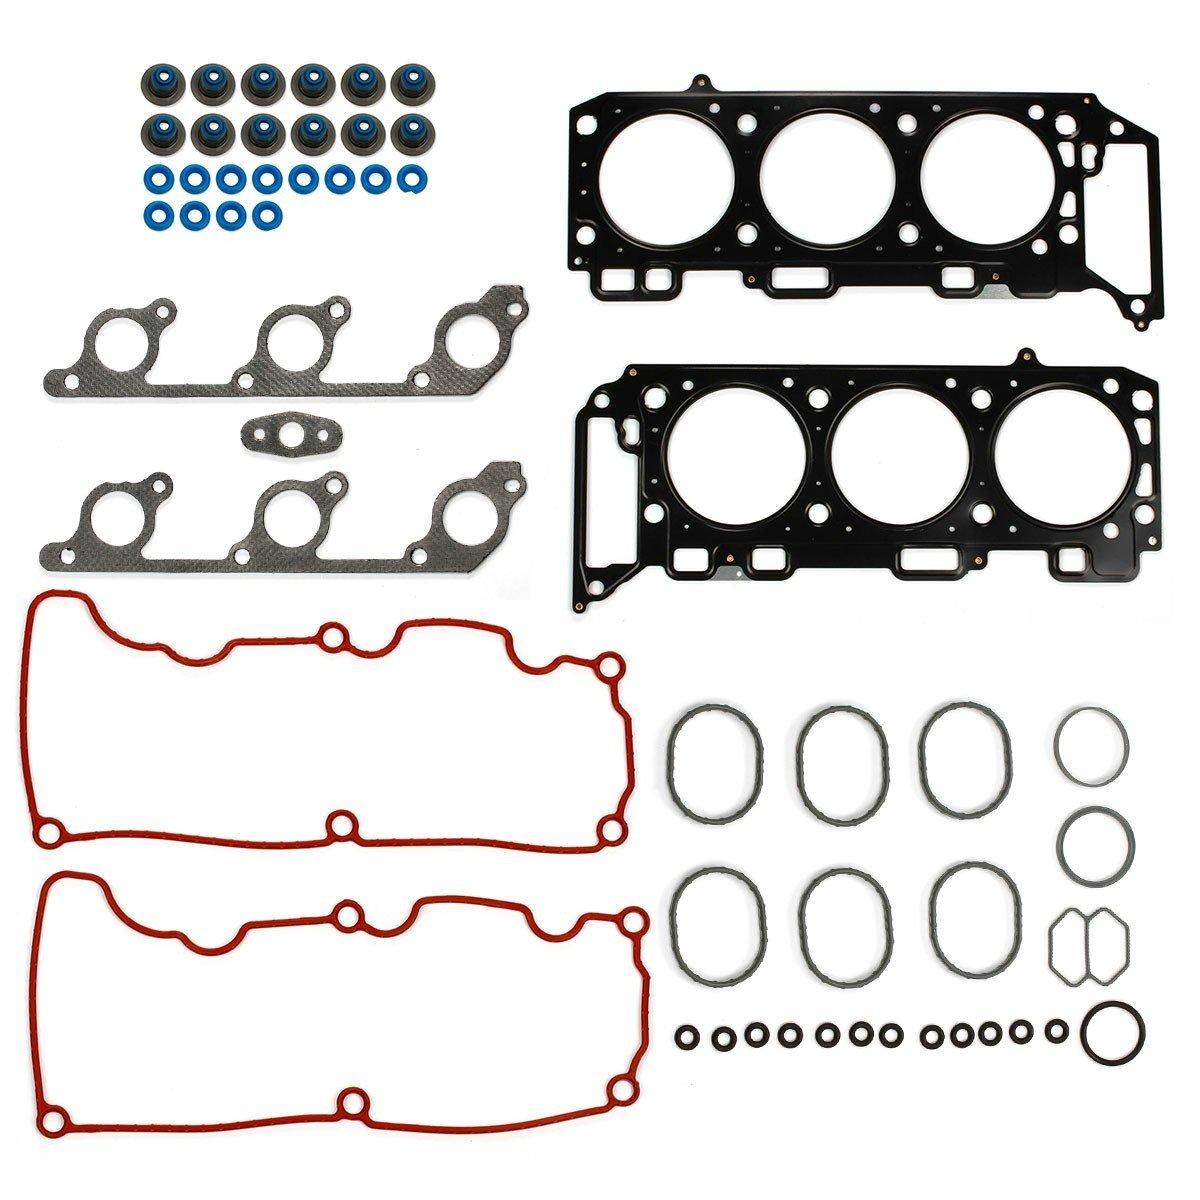 Cylinder Head Gasket Set HS9293PT-2 Fits for 2000-2003 Ford Explorer Ranger Mazda 4.0 VIN E K Vincos